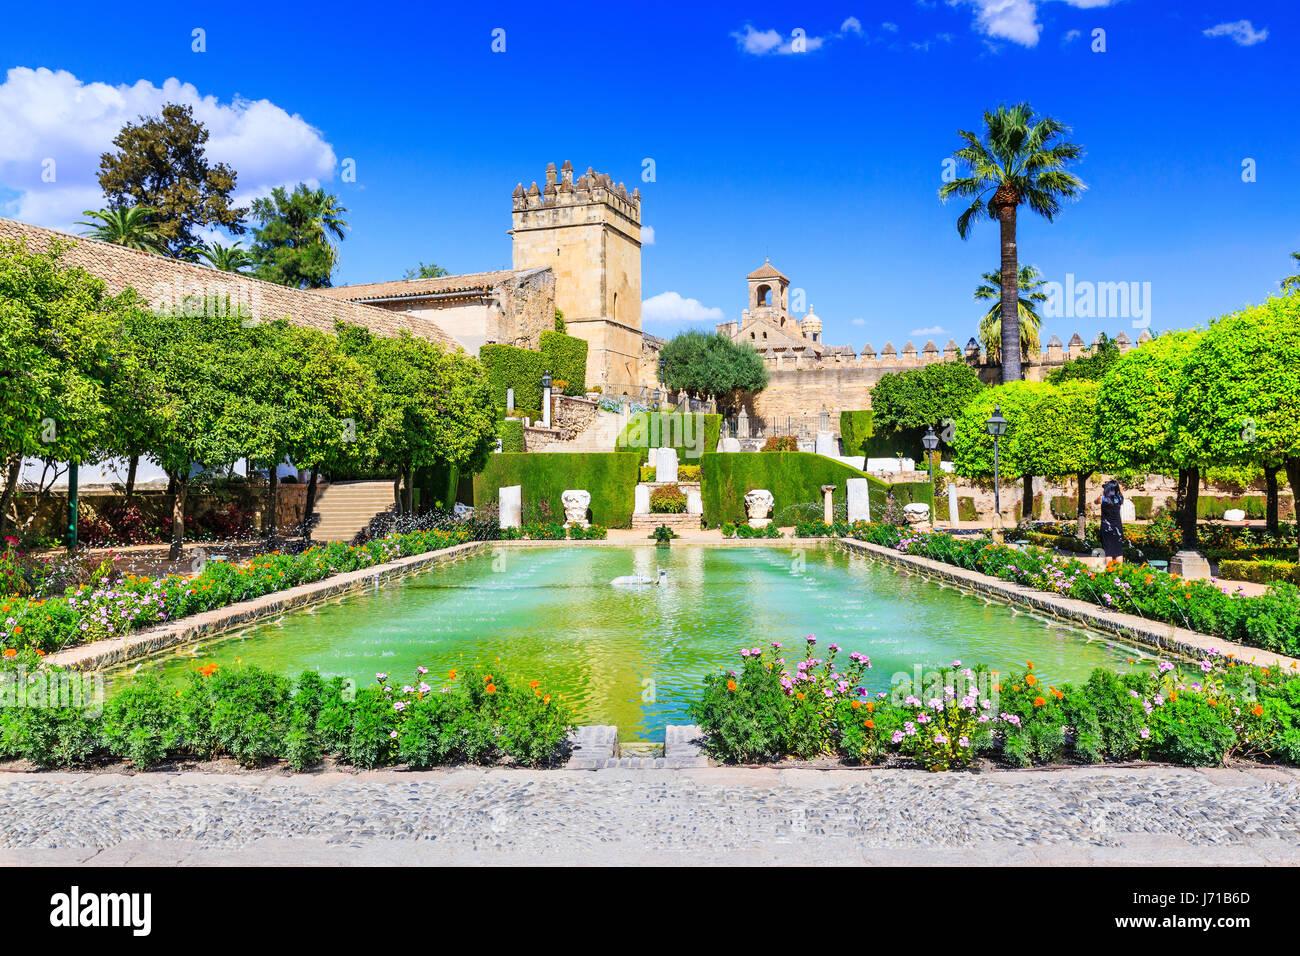 Cordoba, España. Jardines del Alcázar de los Reyes Cristianos Imagen De Stock